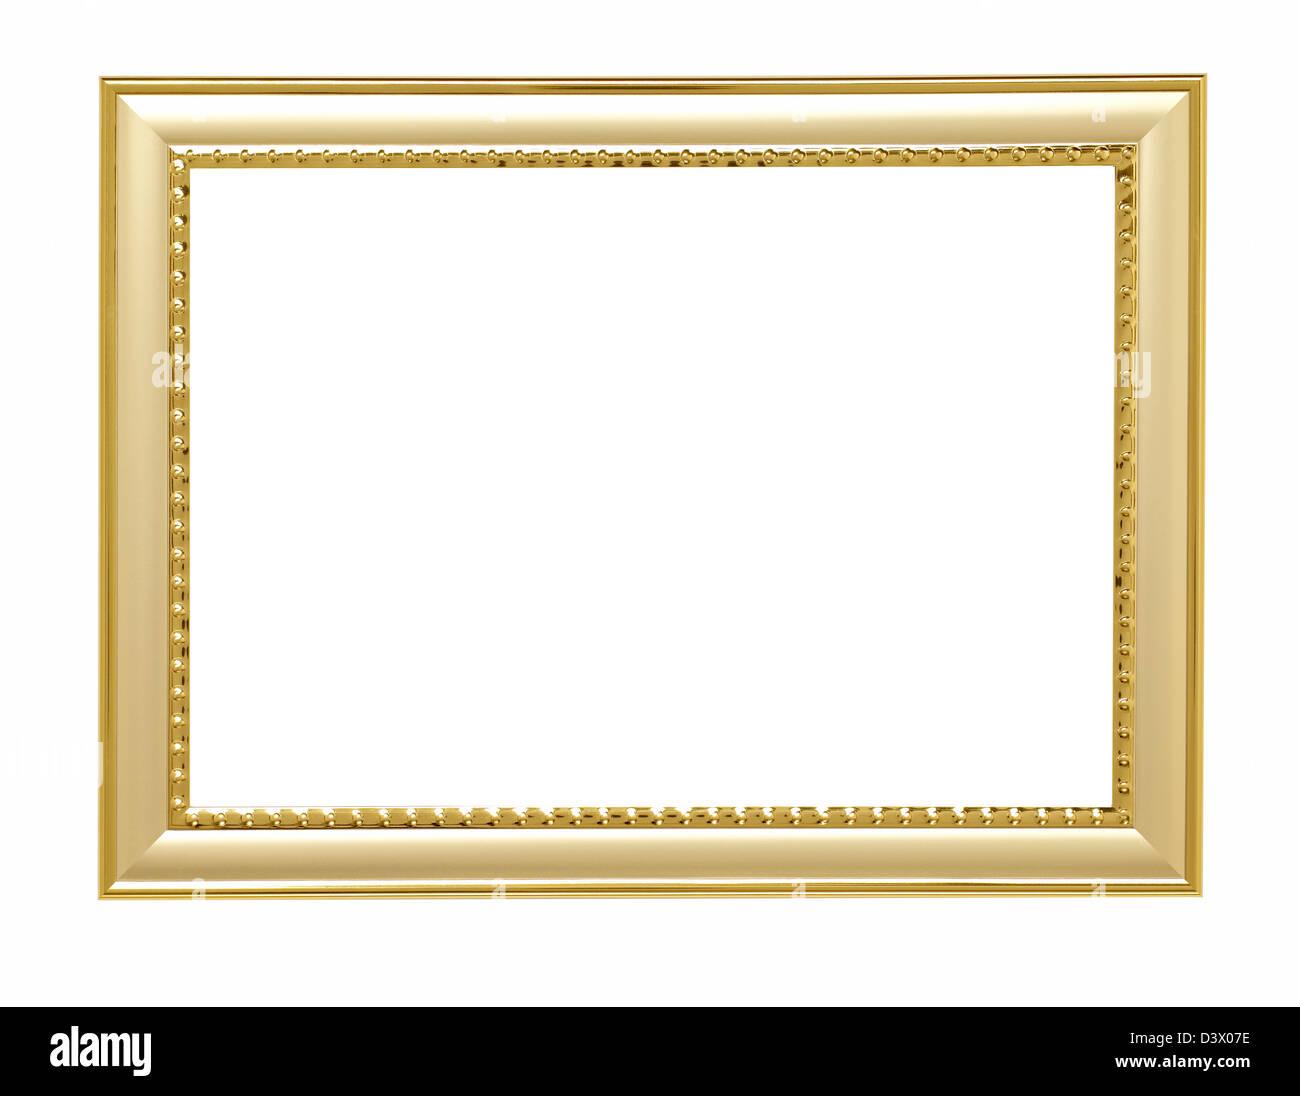 Gold Metall Bilderrahmen Stockbild